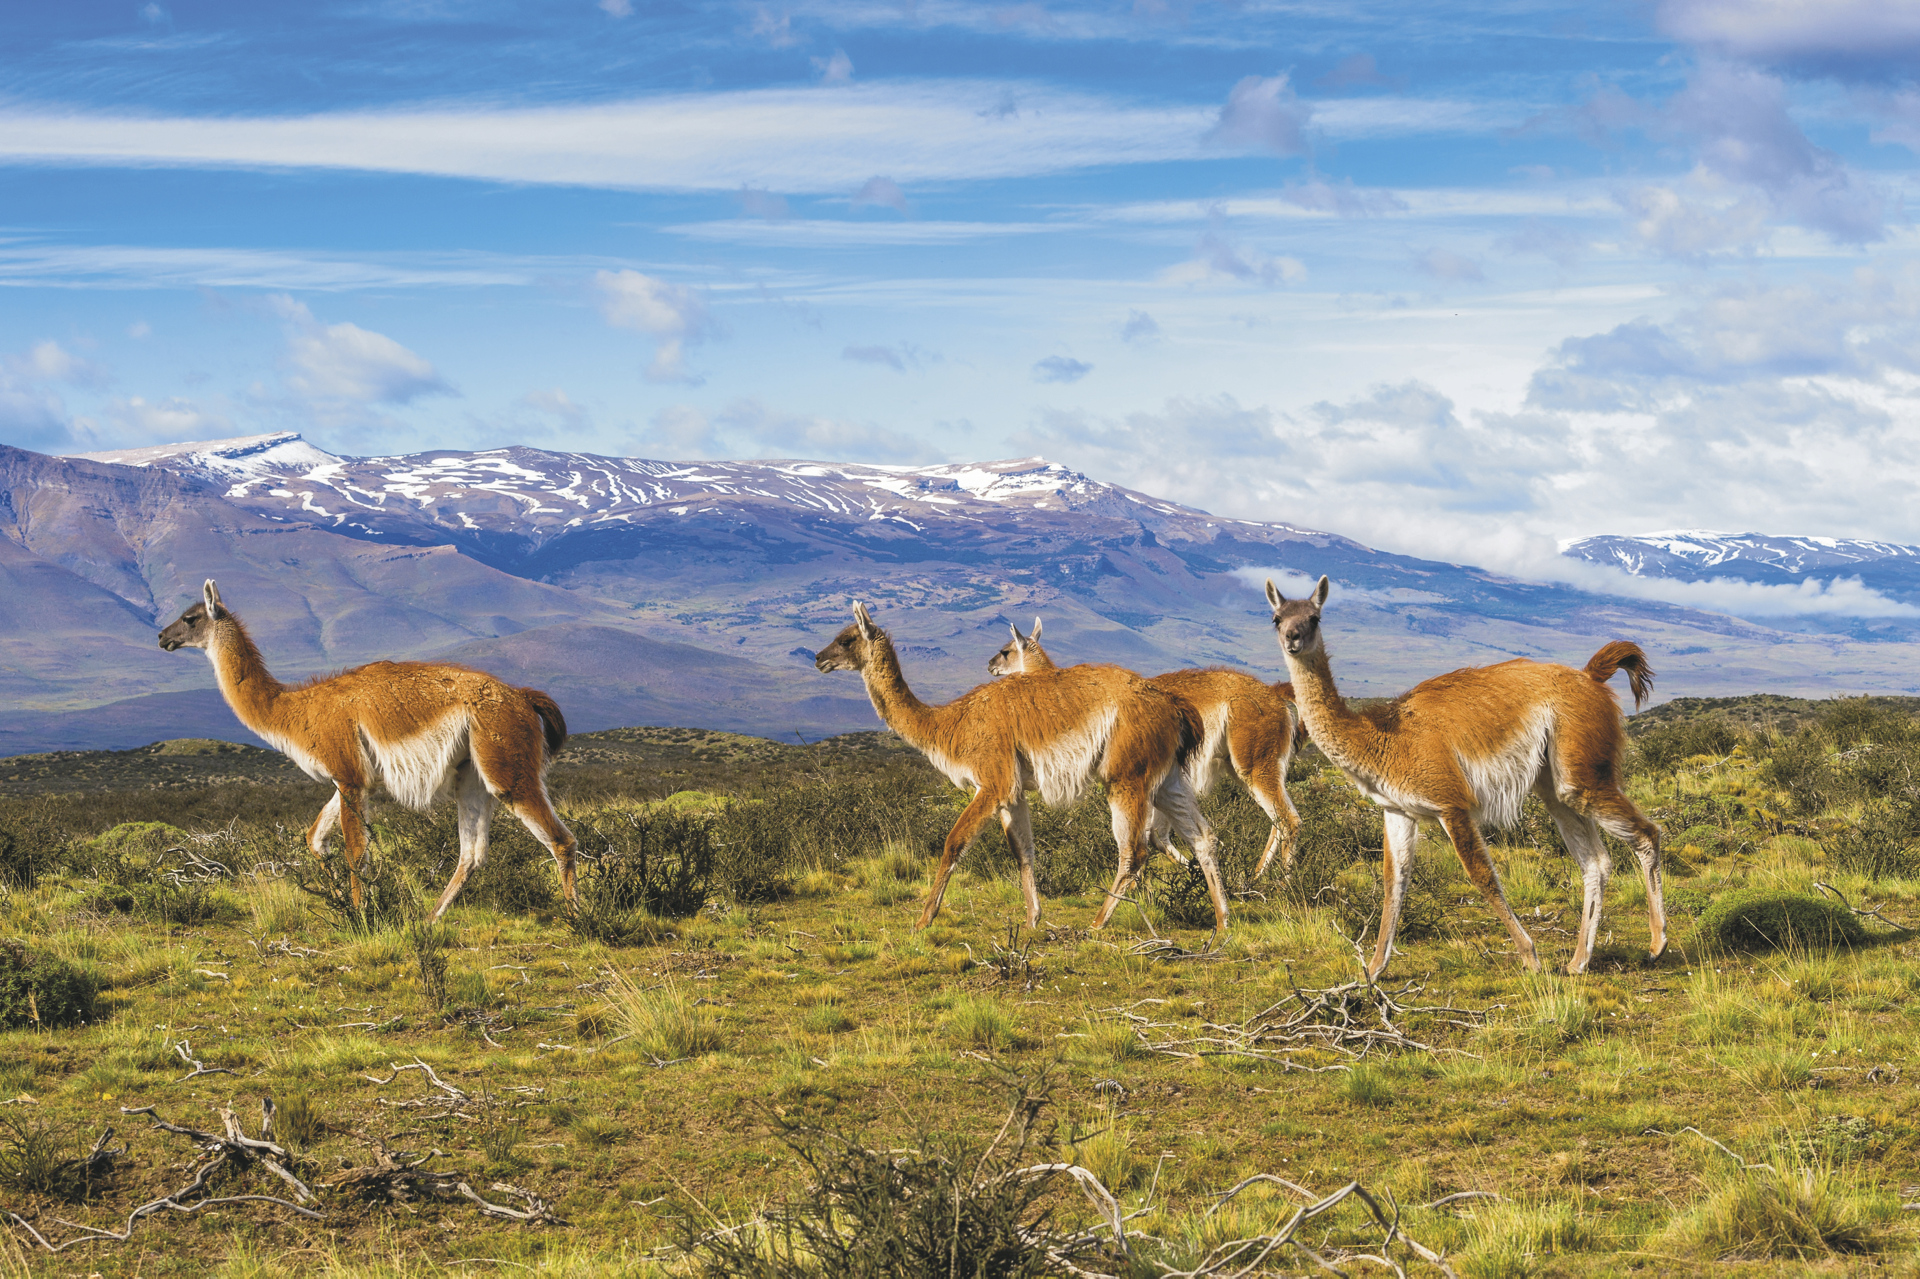 Guanaco-Herde in Patagonien